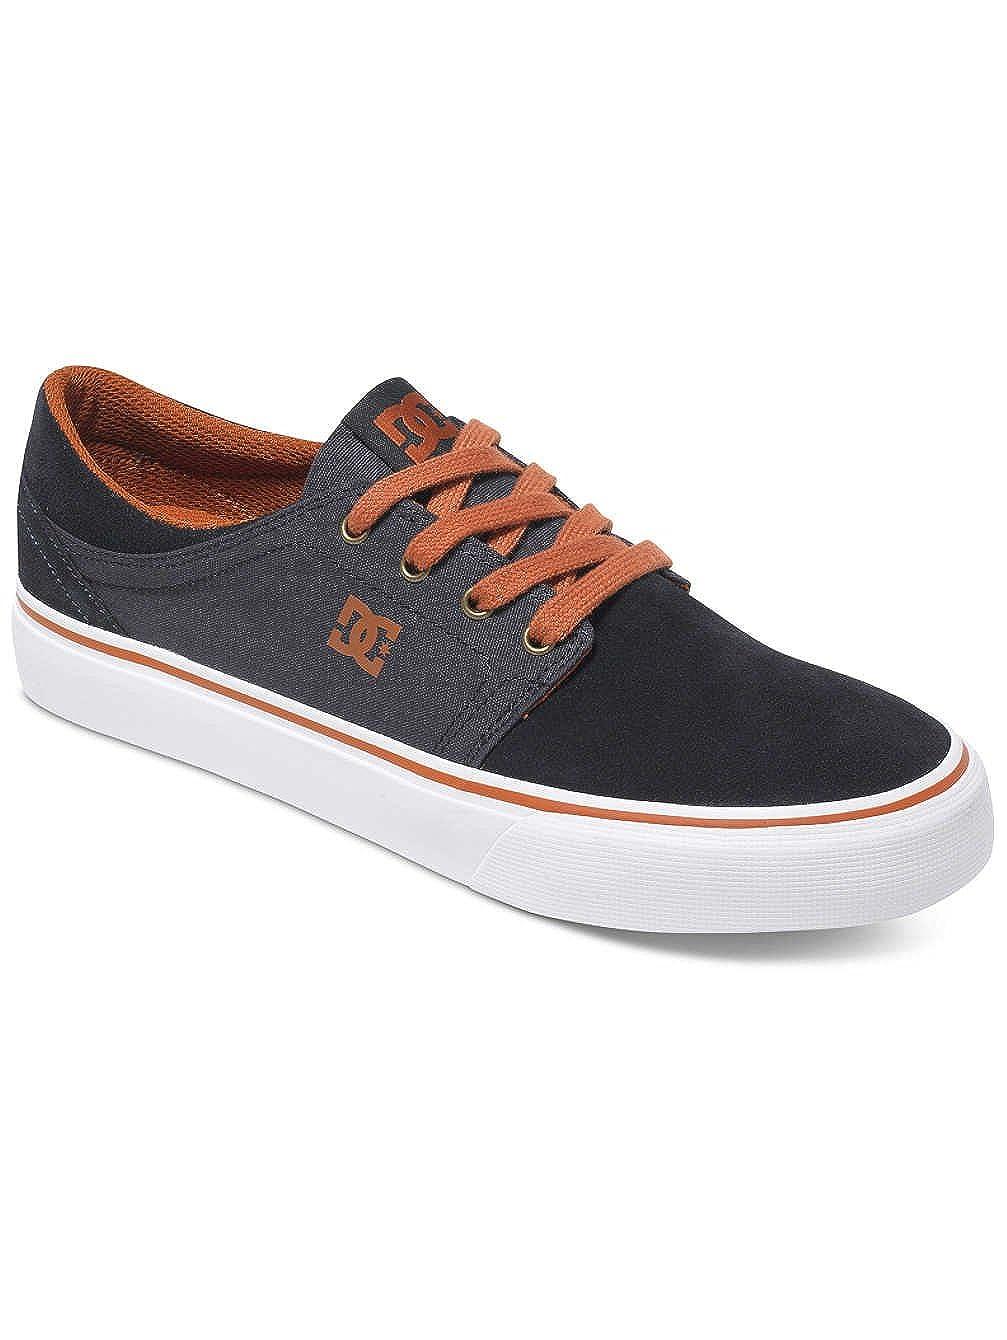 best website d63f2 8b5ad DC scarpe - Trase SD, scarpe da ginnastica ginnastica ginnastica Uomo  B012FBXM6A 37 EU blu bianca Marronee   attività di esportazione in linea    Area di ...